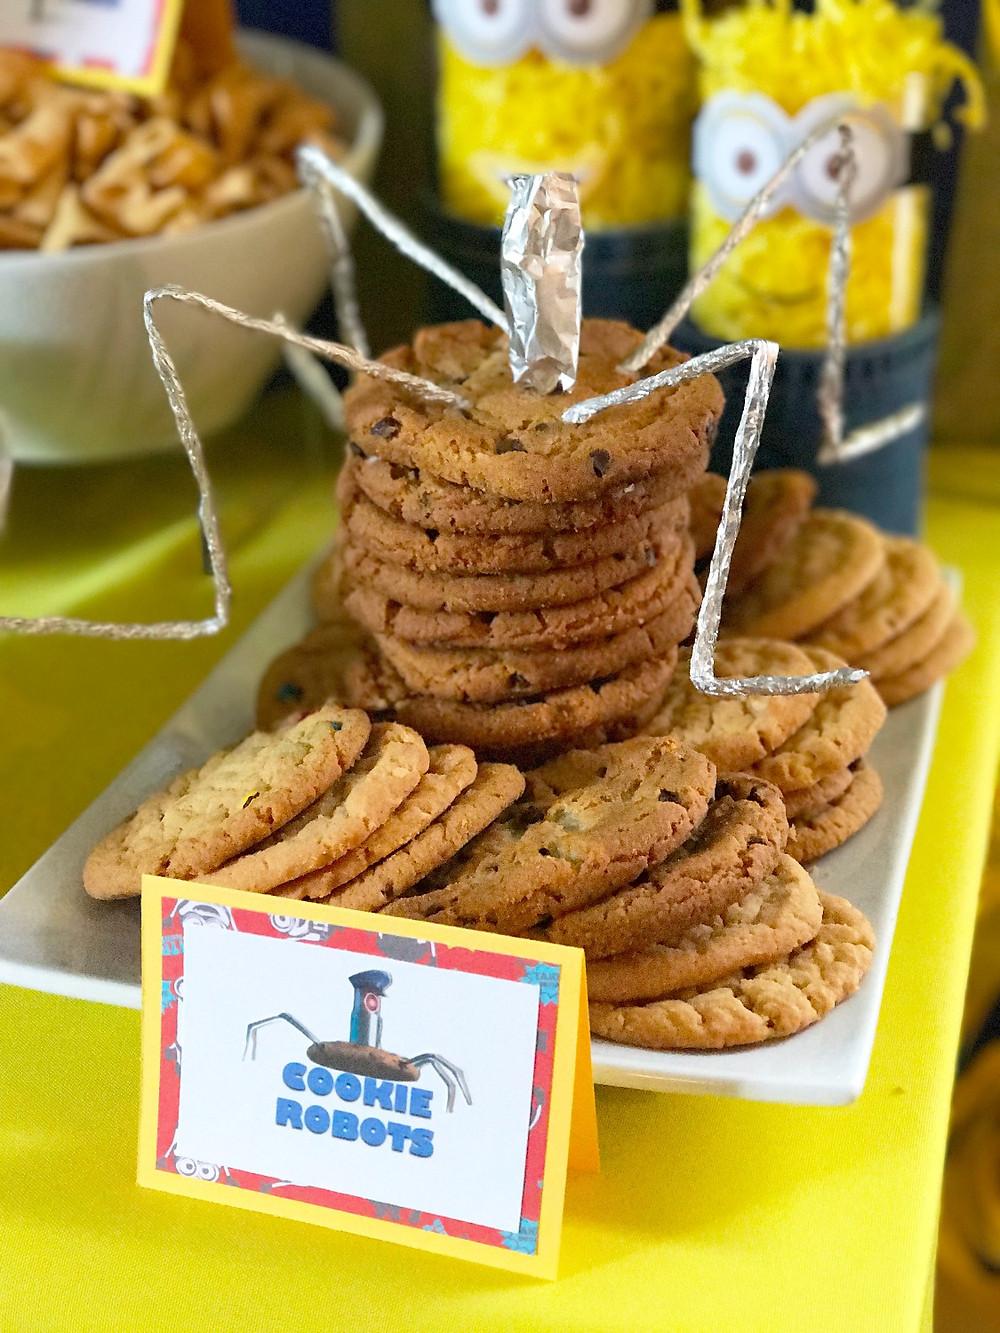 Cookie robot